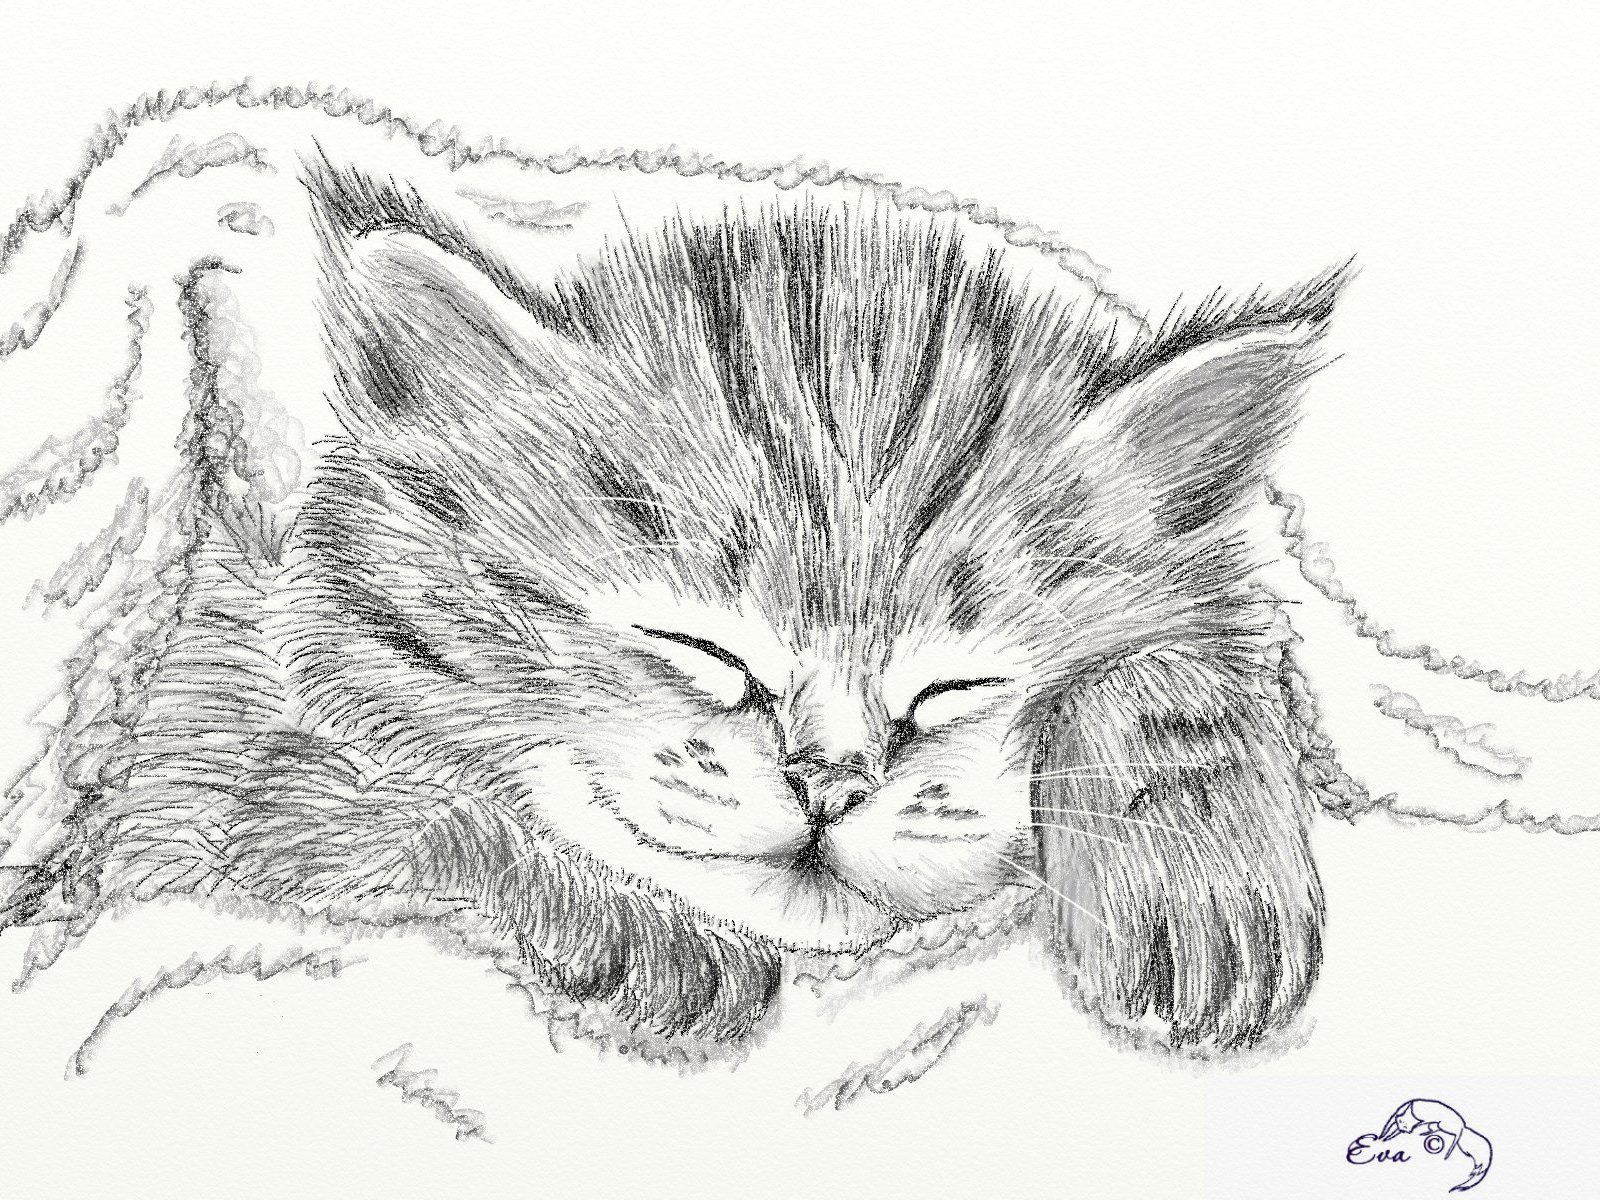 Цветы картинки, рисунки для срисовки кошки карандашом